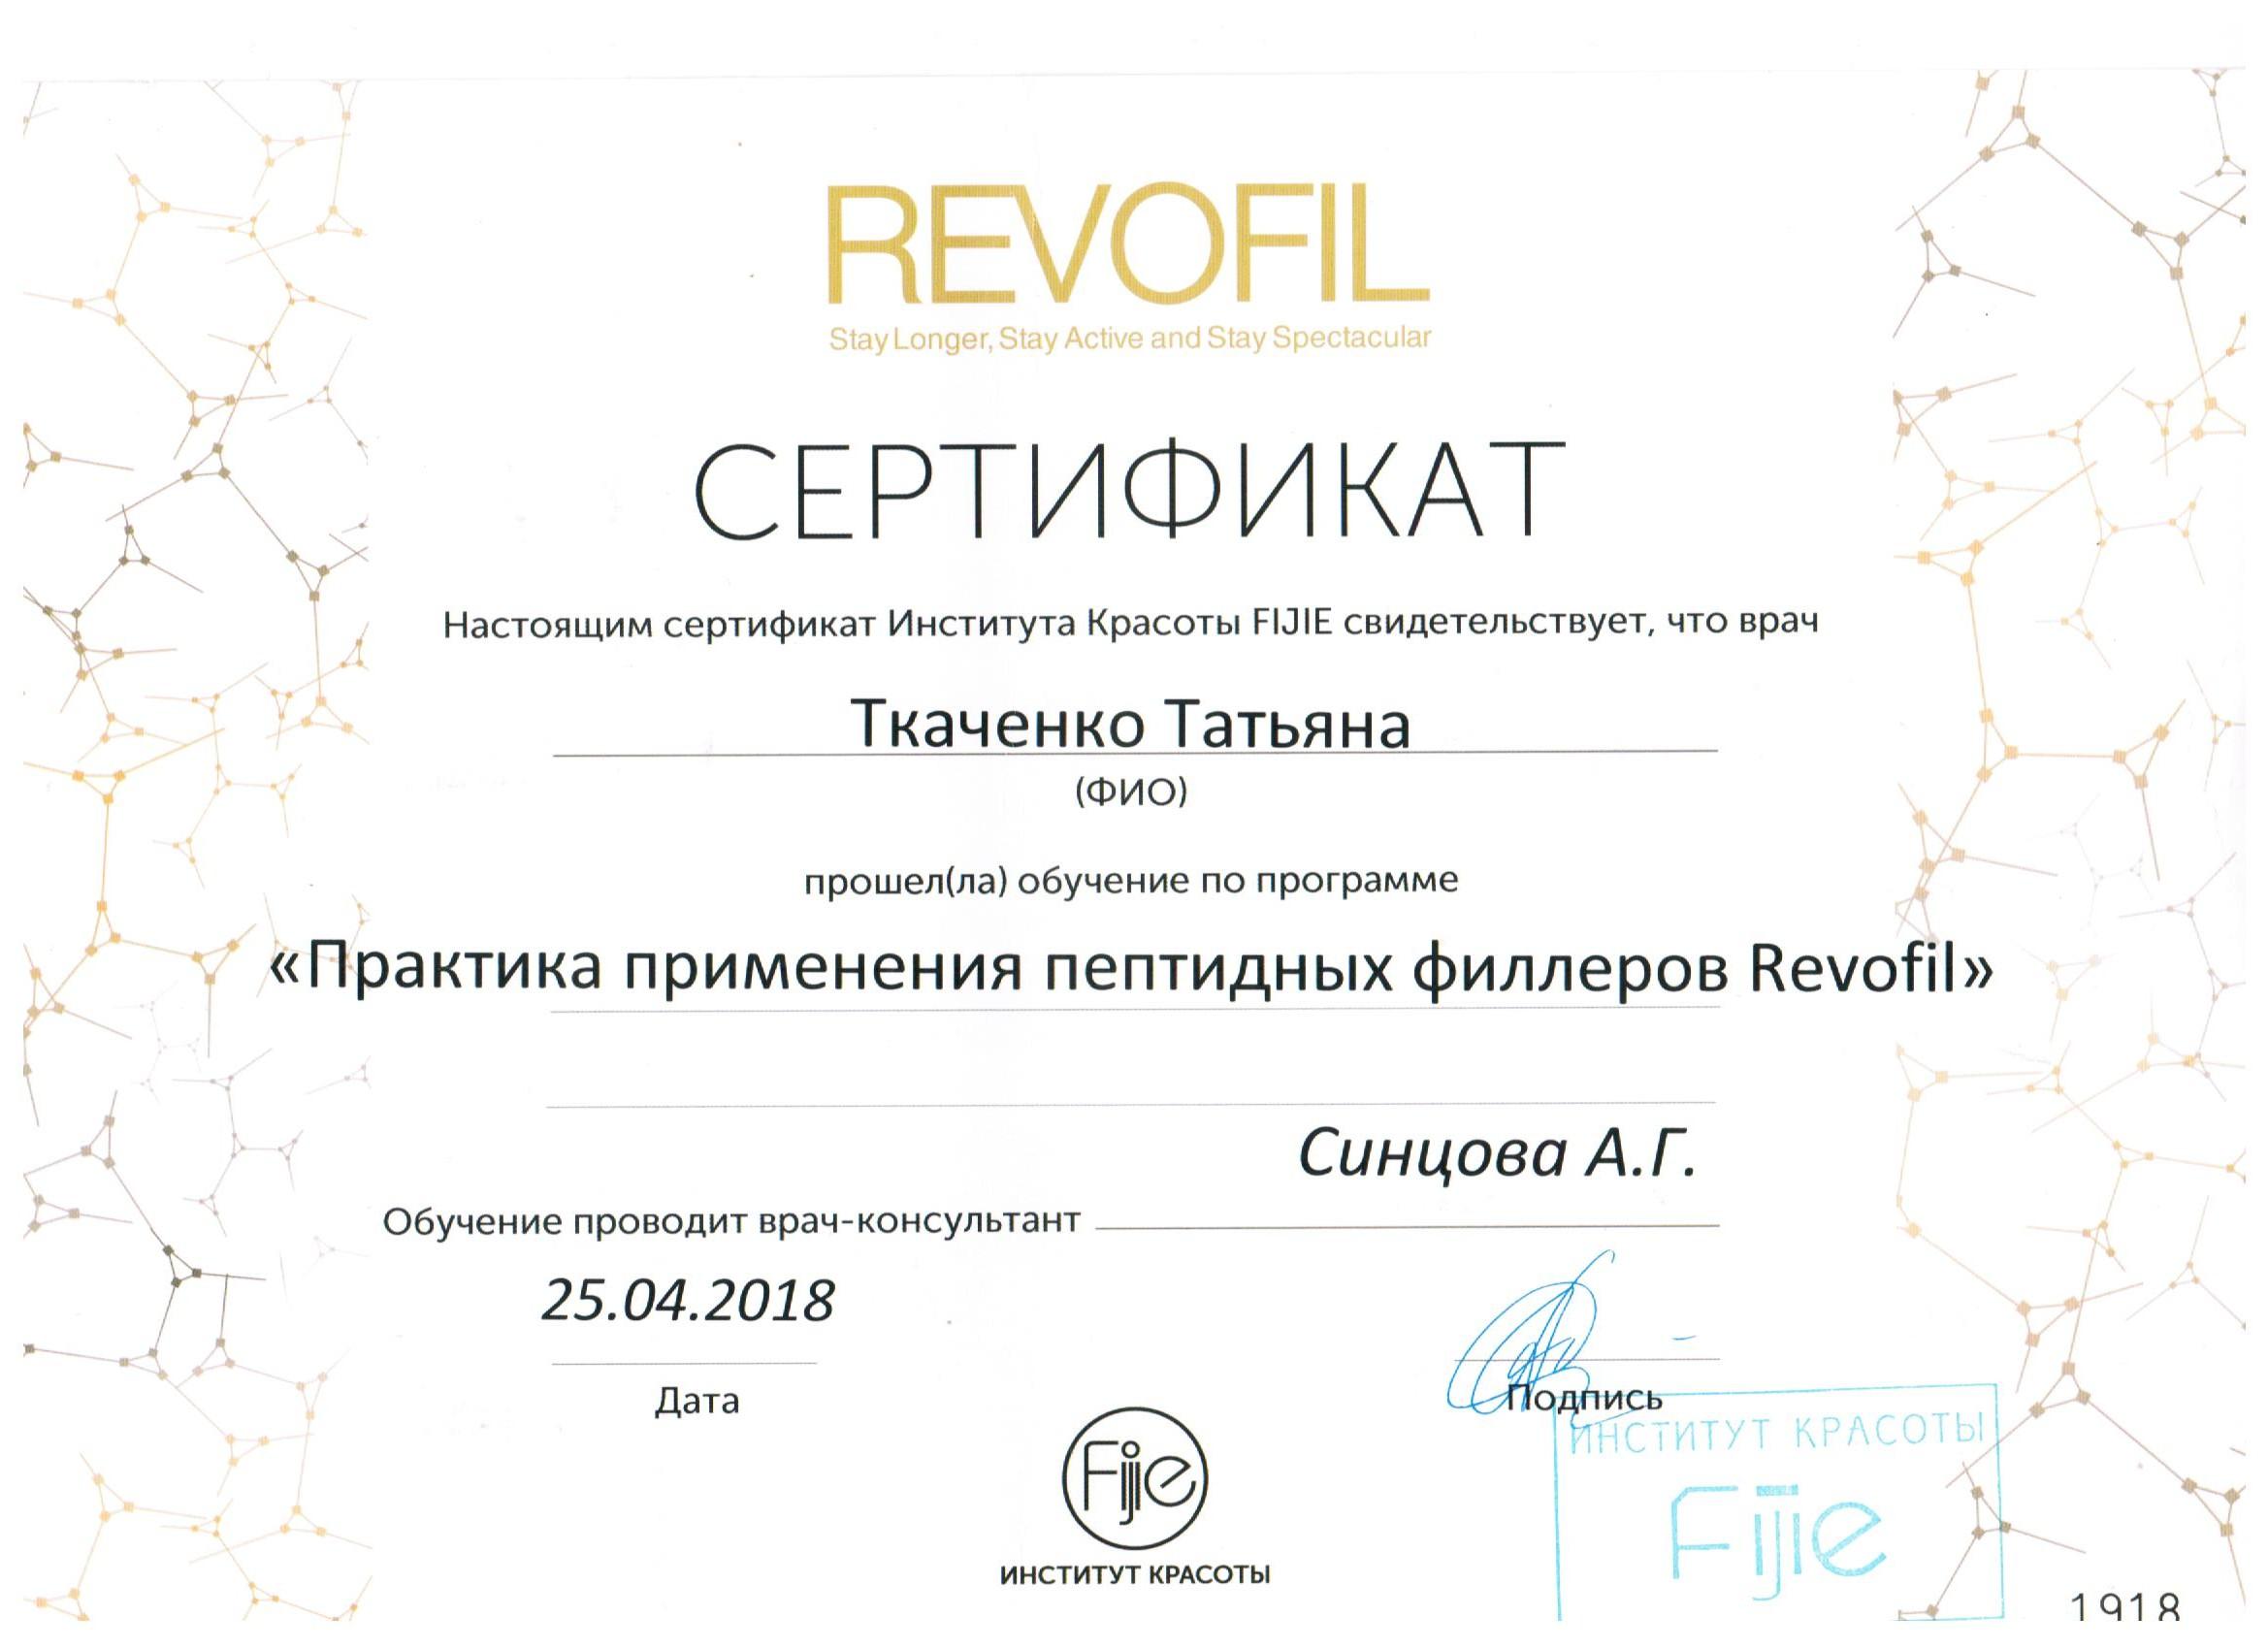 2018 практика применения пептидных филлеров Revofil